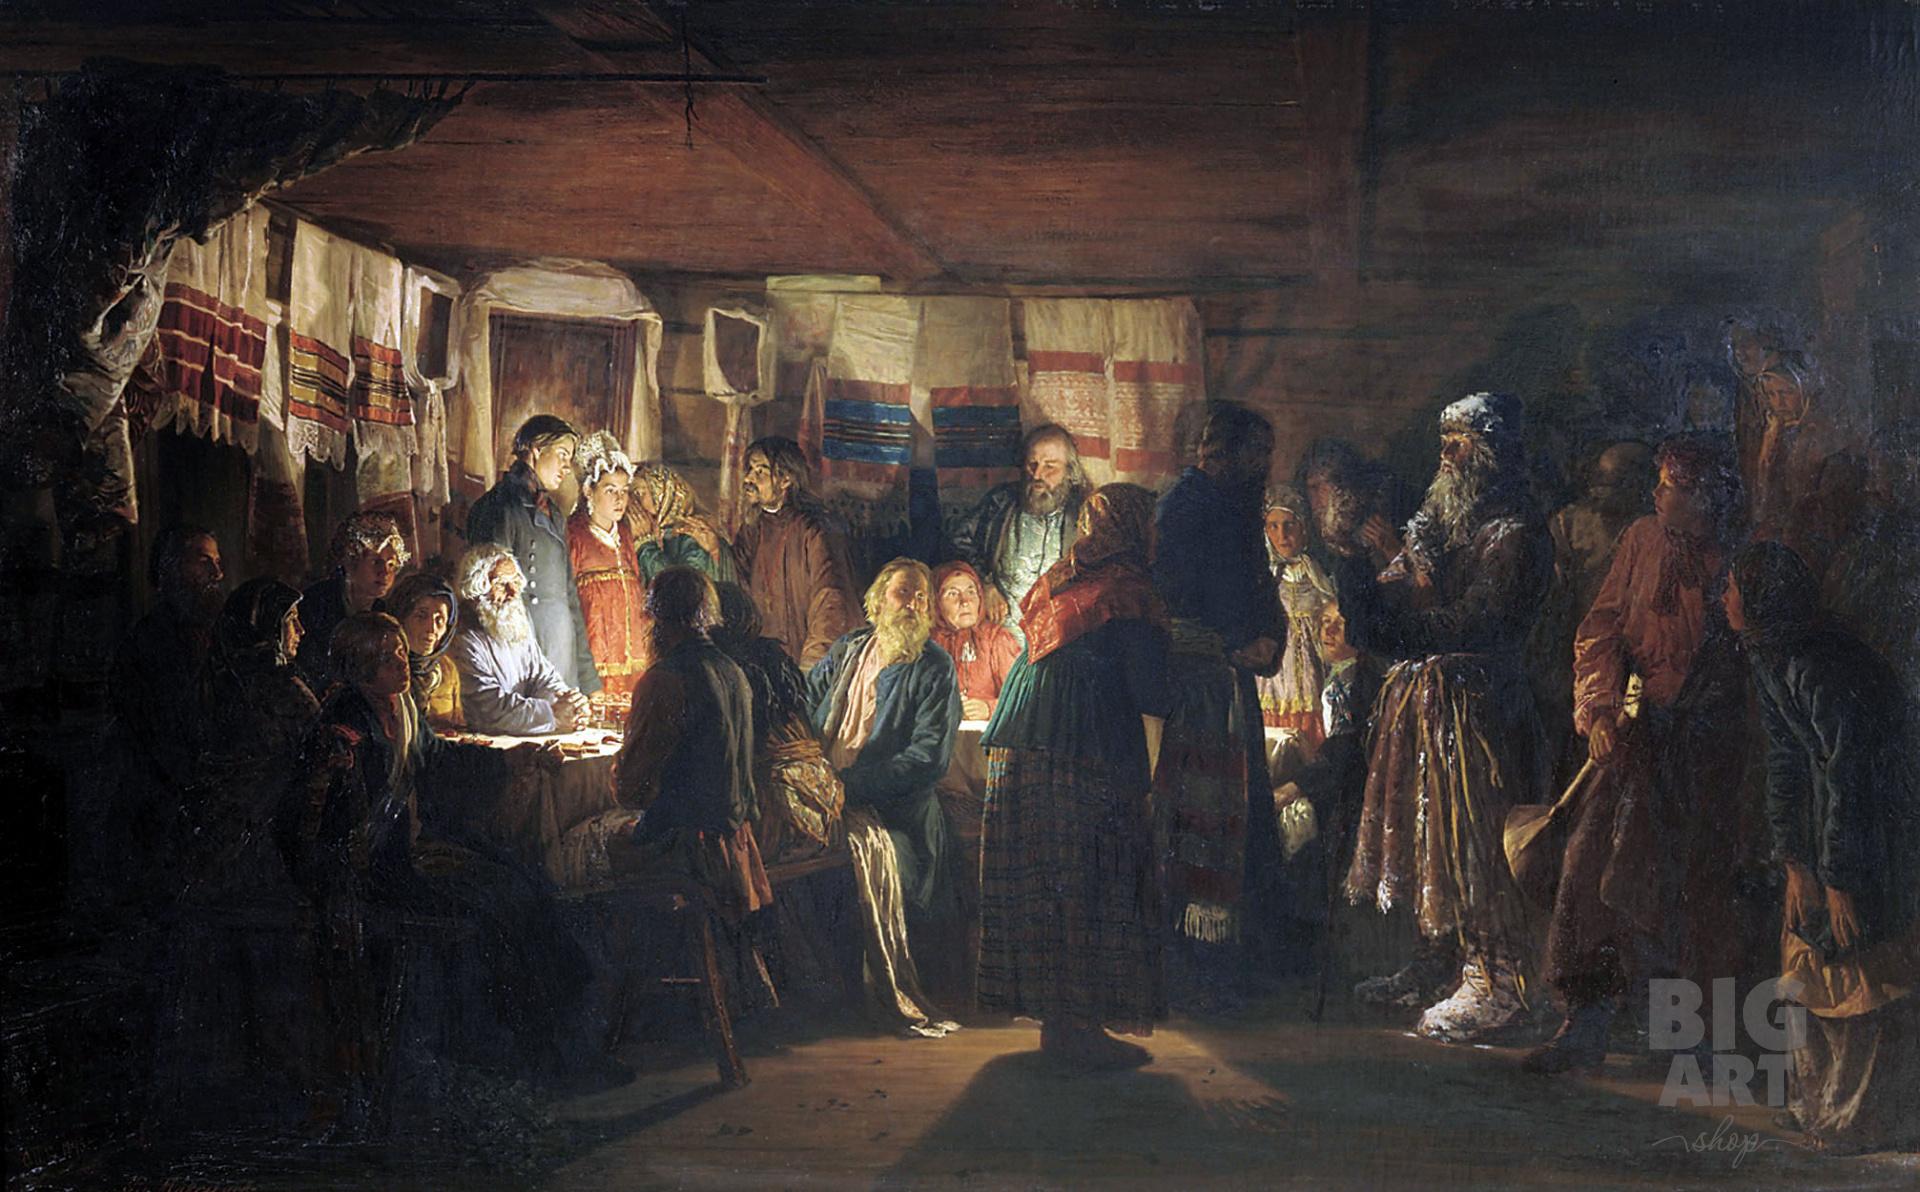 Приход колдуна на крестьянскую свадьбу. Художник Василий Максимов, 1875 г.